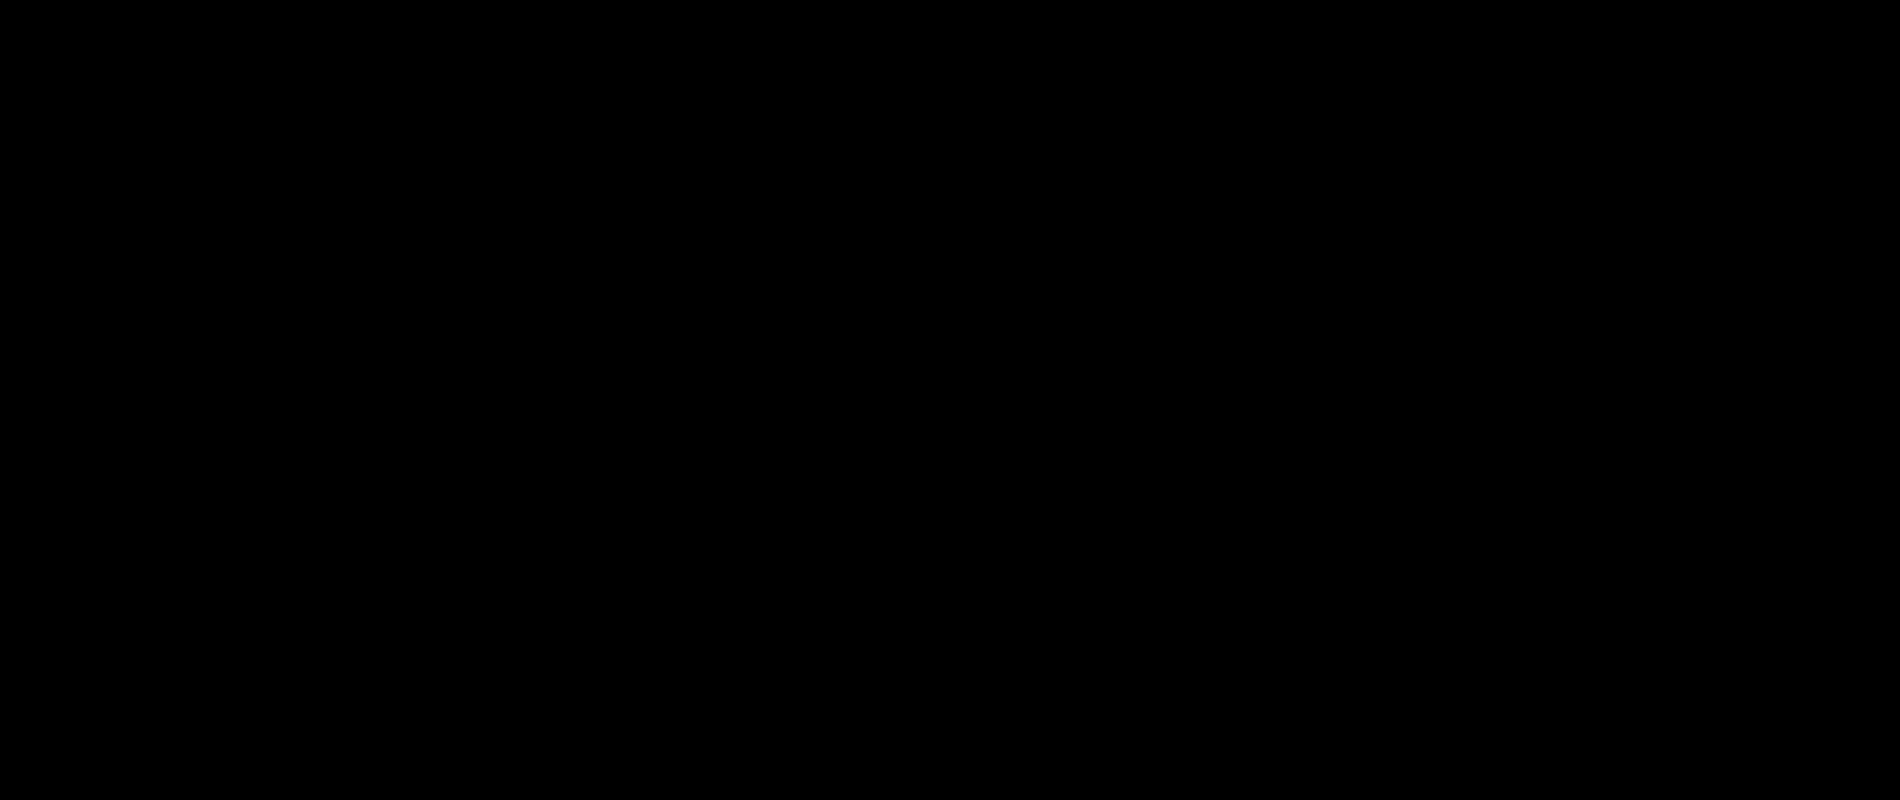 Sed fringilla